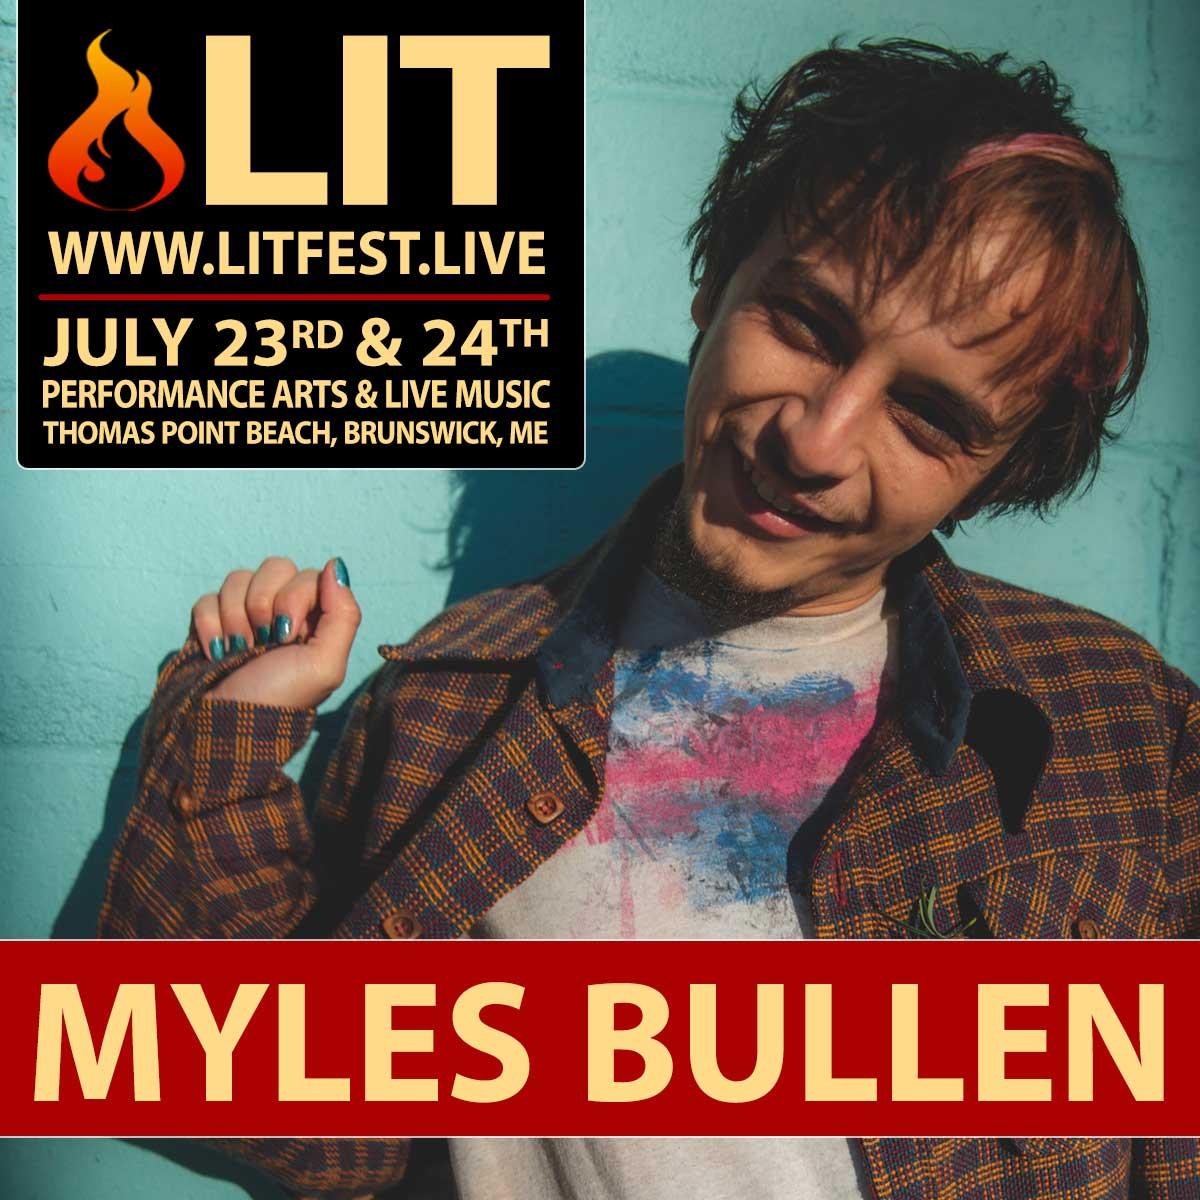 Myles Bullen